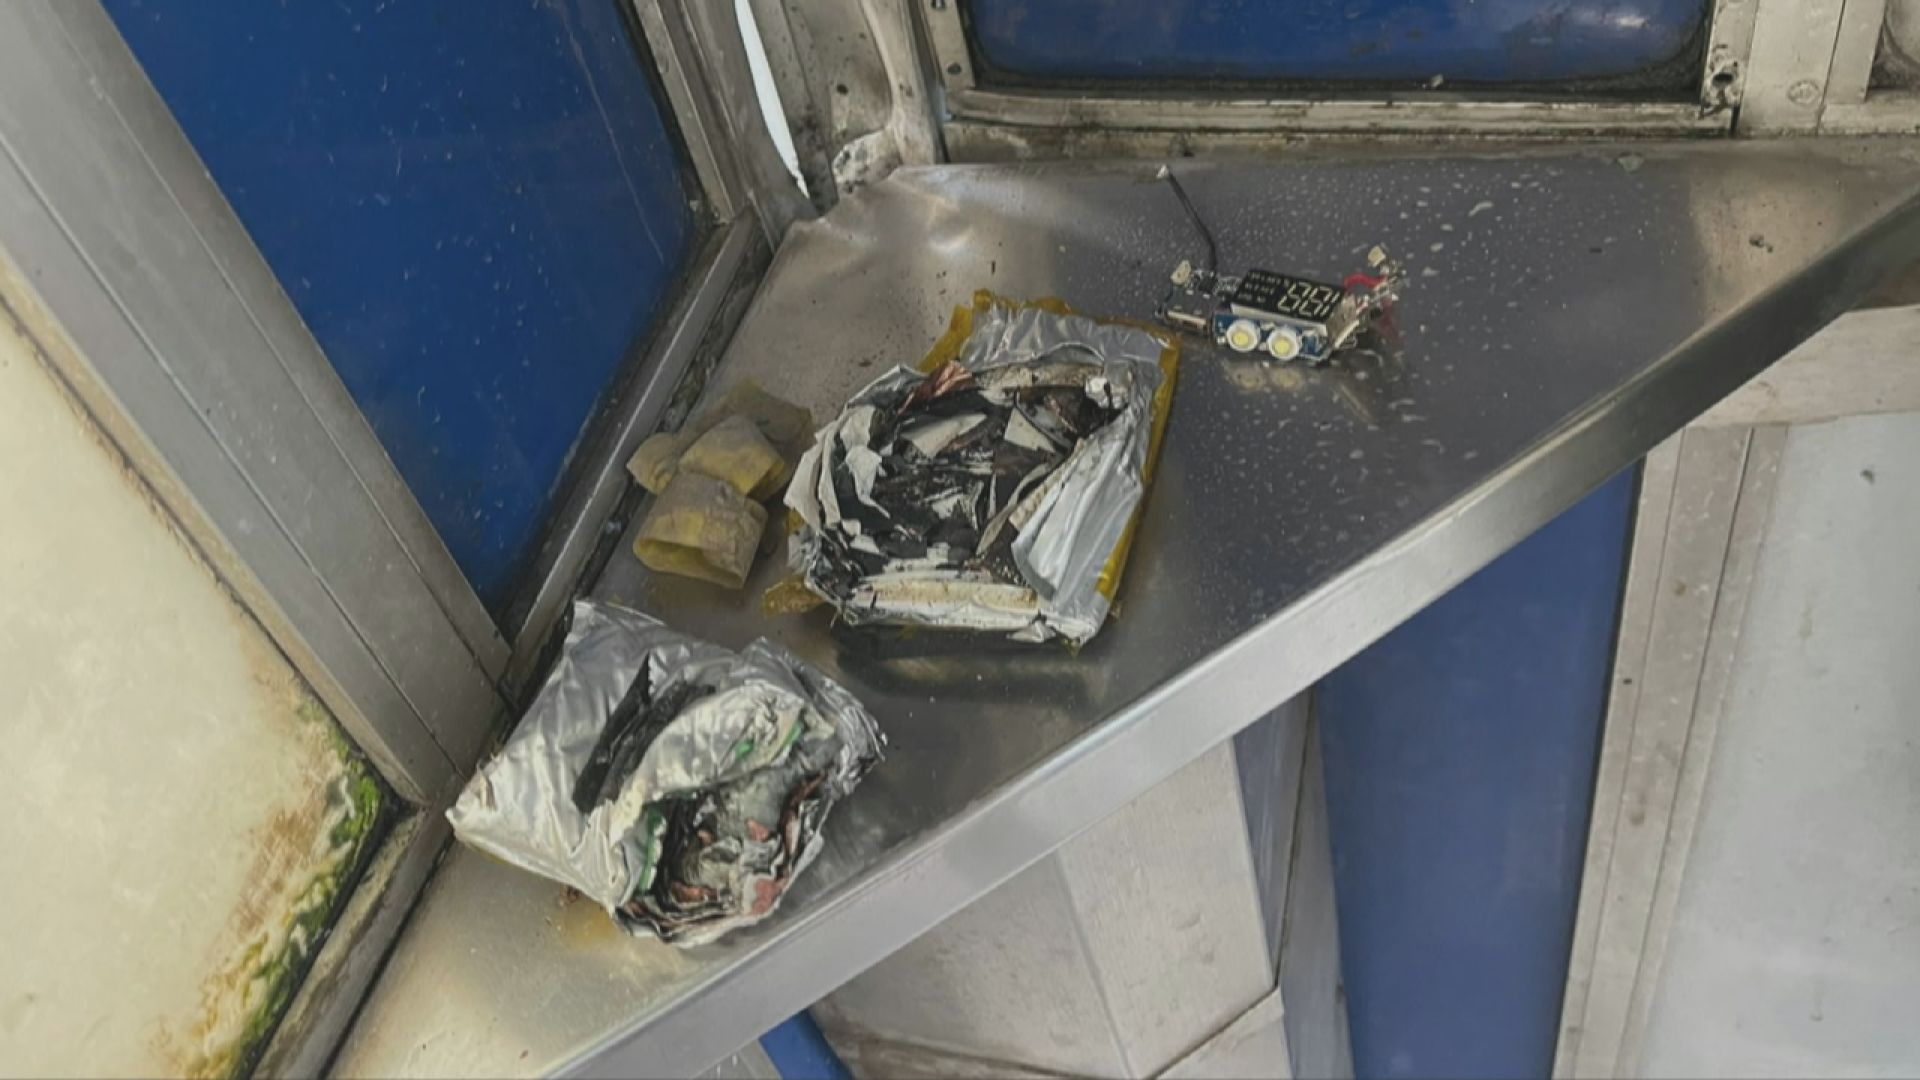 葵涌公眾電話亭發現懷疑爆炸品 警方到場安全引爆